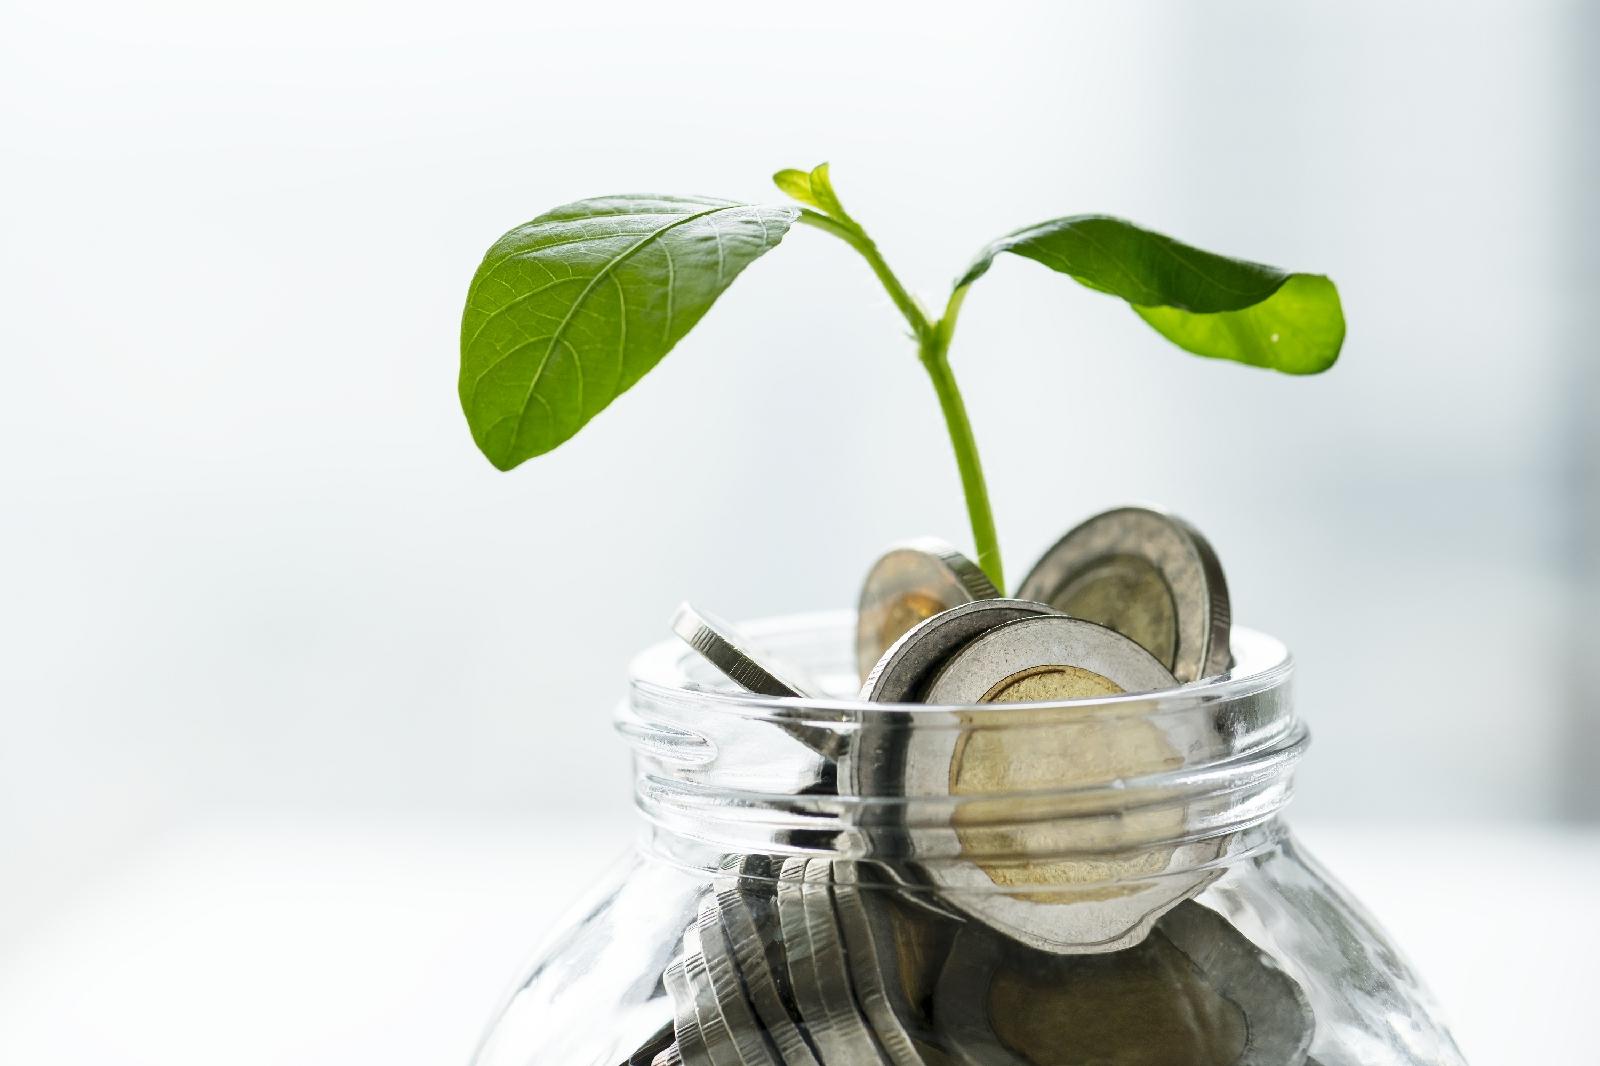 ผลประเมินจาก WWF ชี้ ธนาคารในกลุ่มประเทศอาเซียน ญี่ปุ่น และเกาหลีใต้ต้องเร่งดำเนินการตามหลัก ESG ให้เท่าทันกระแสการดำเนินธุรกิจอย่างยั่งยืนของโลก